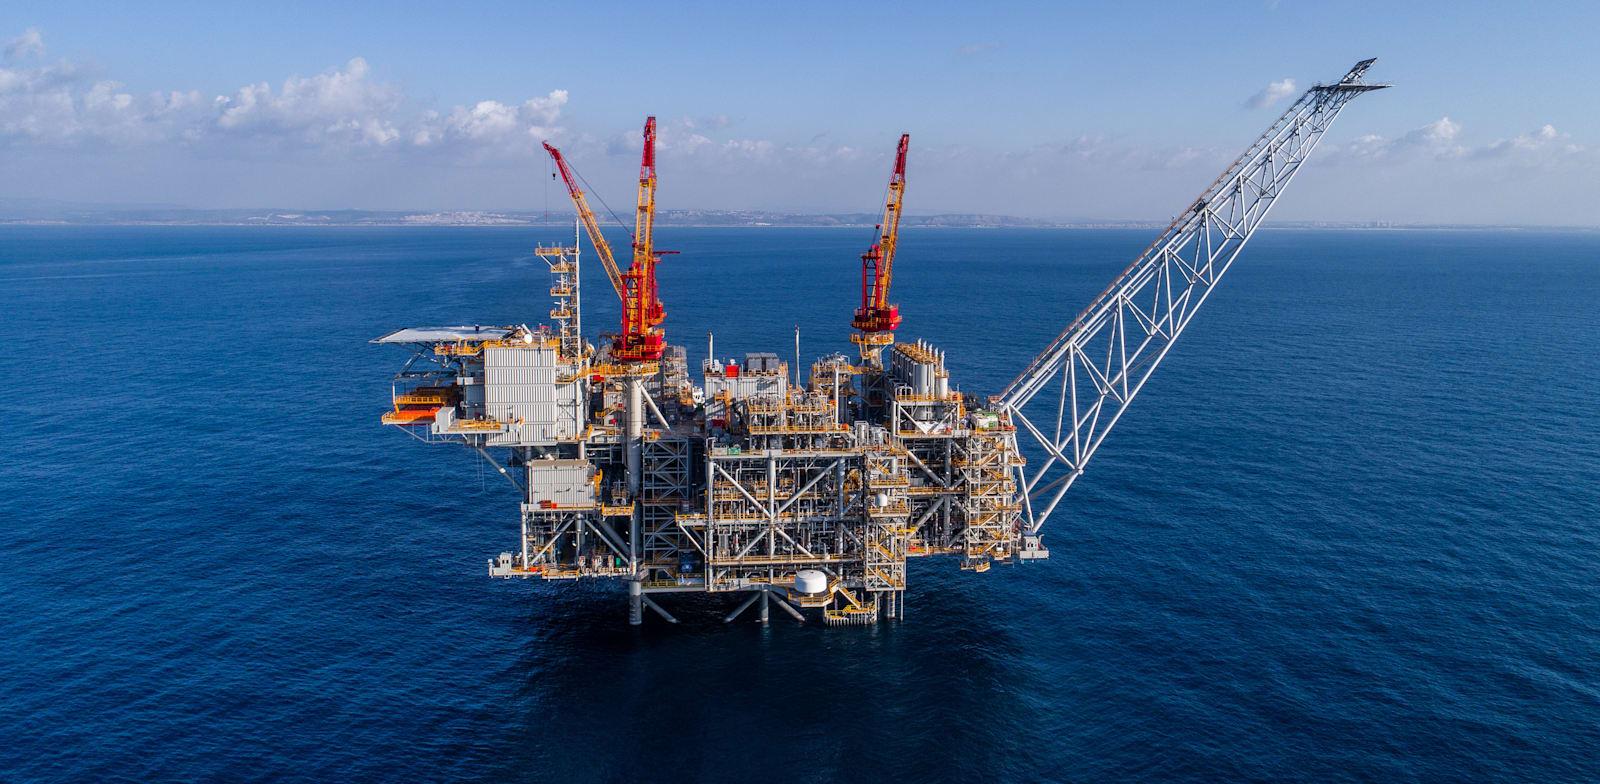 אסדת קידוח גז לוויתן / צילום: אלבטרוס